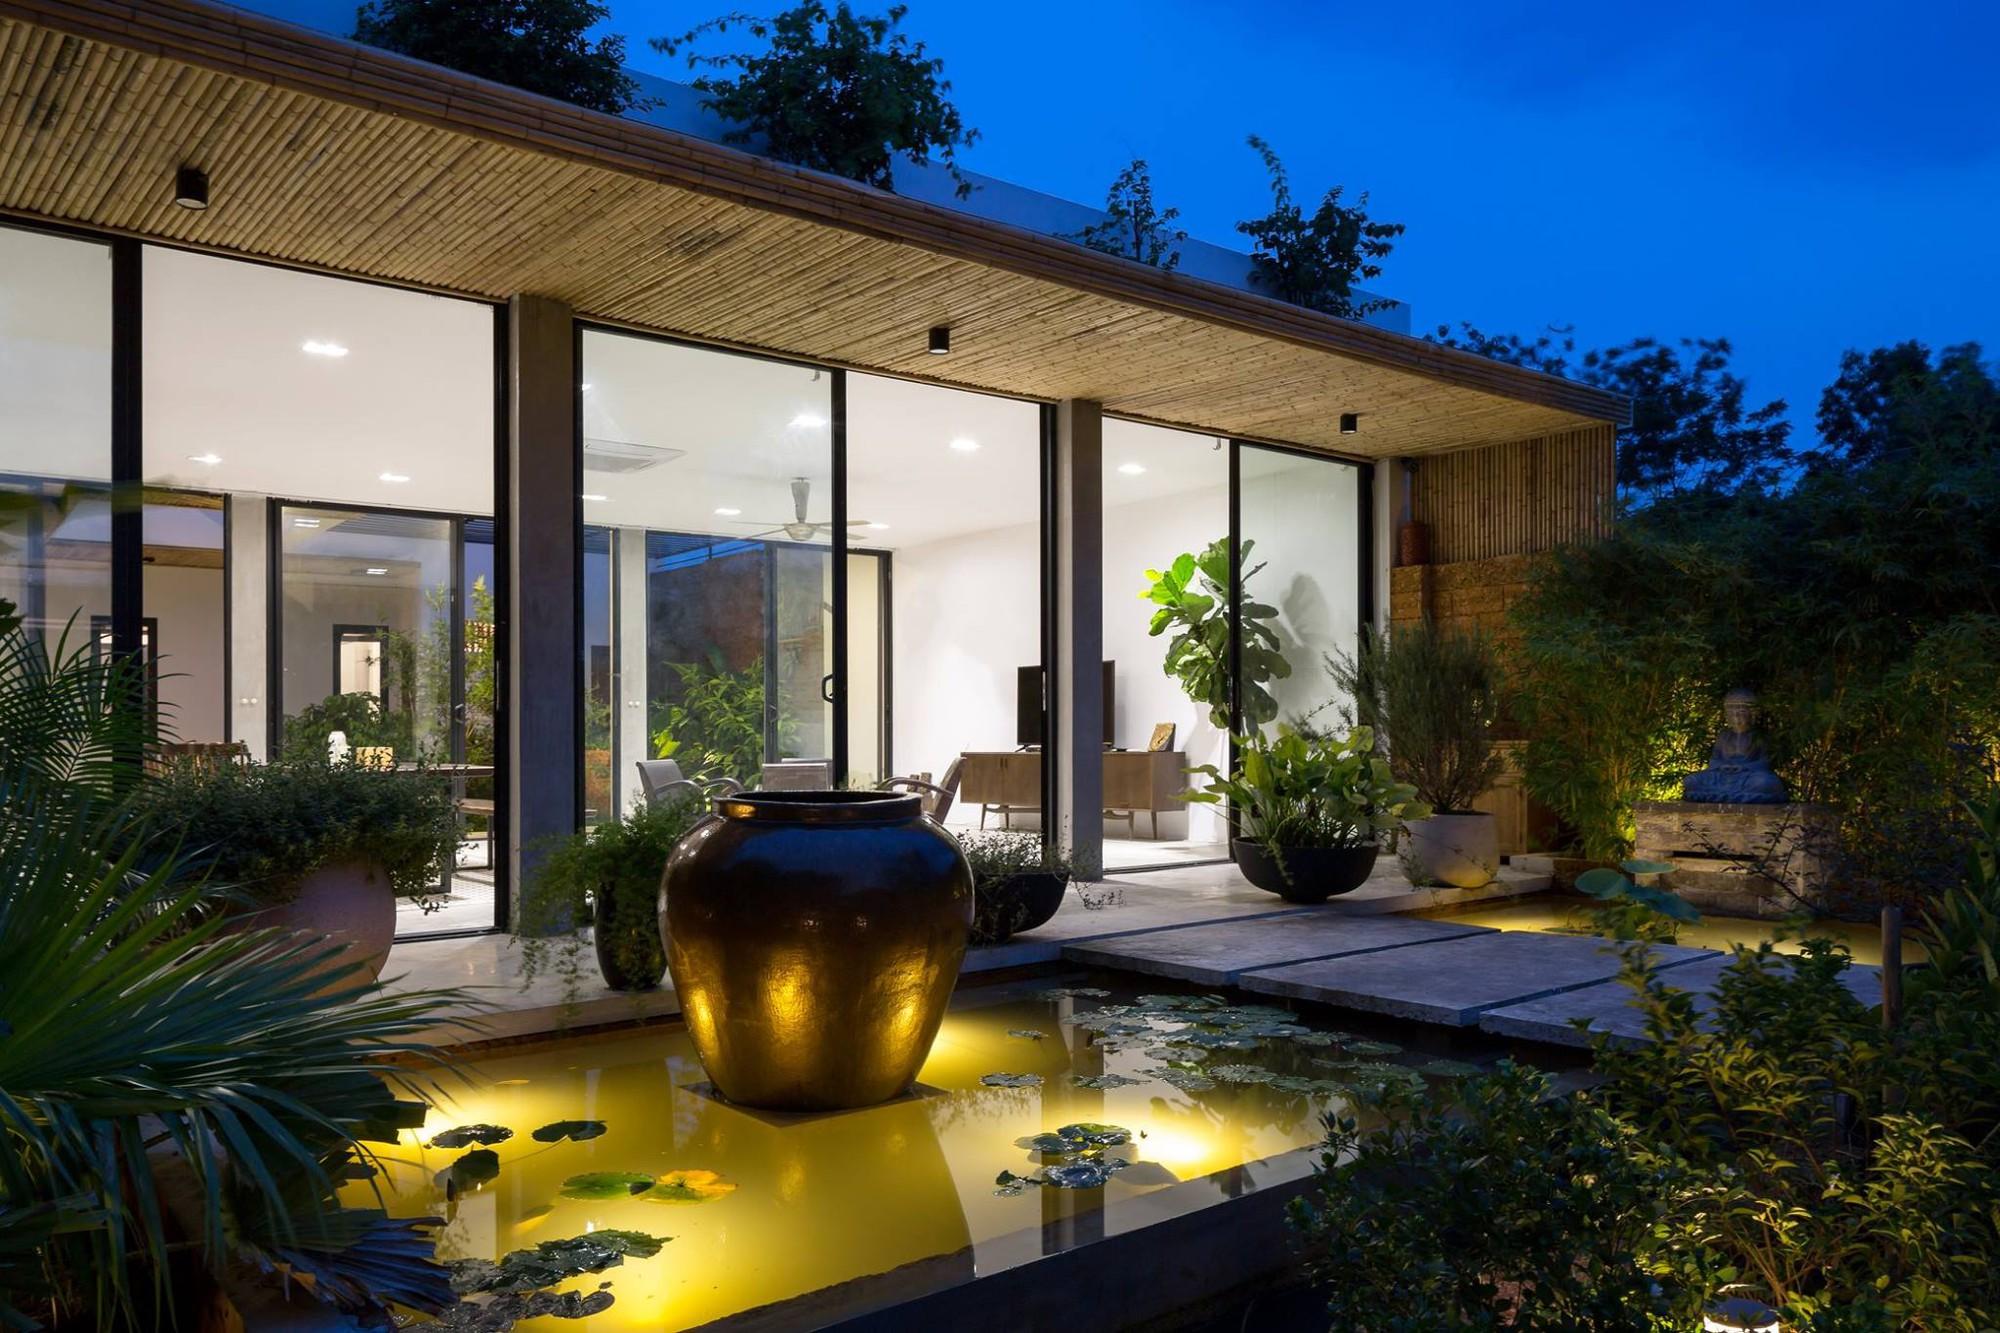 Ngôi nhà cấp 4 chan hòa ánh nắng và cây xanh mang lại vẻ yên bình đến khó tin ở Hà Nội - Ảnh 10.